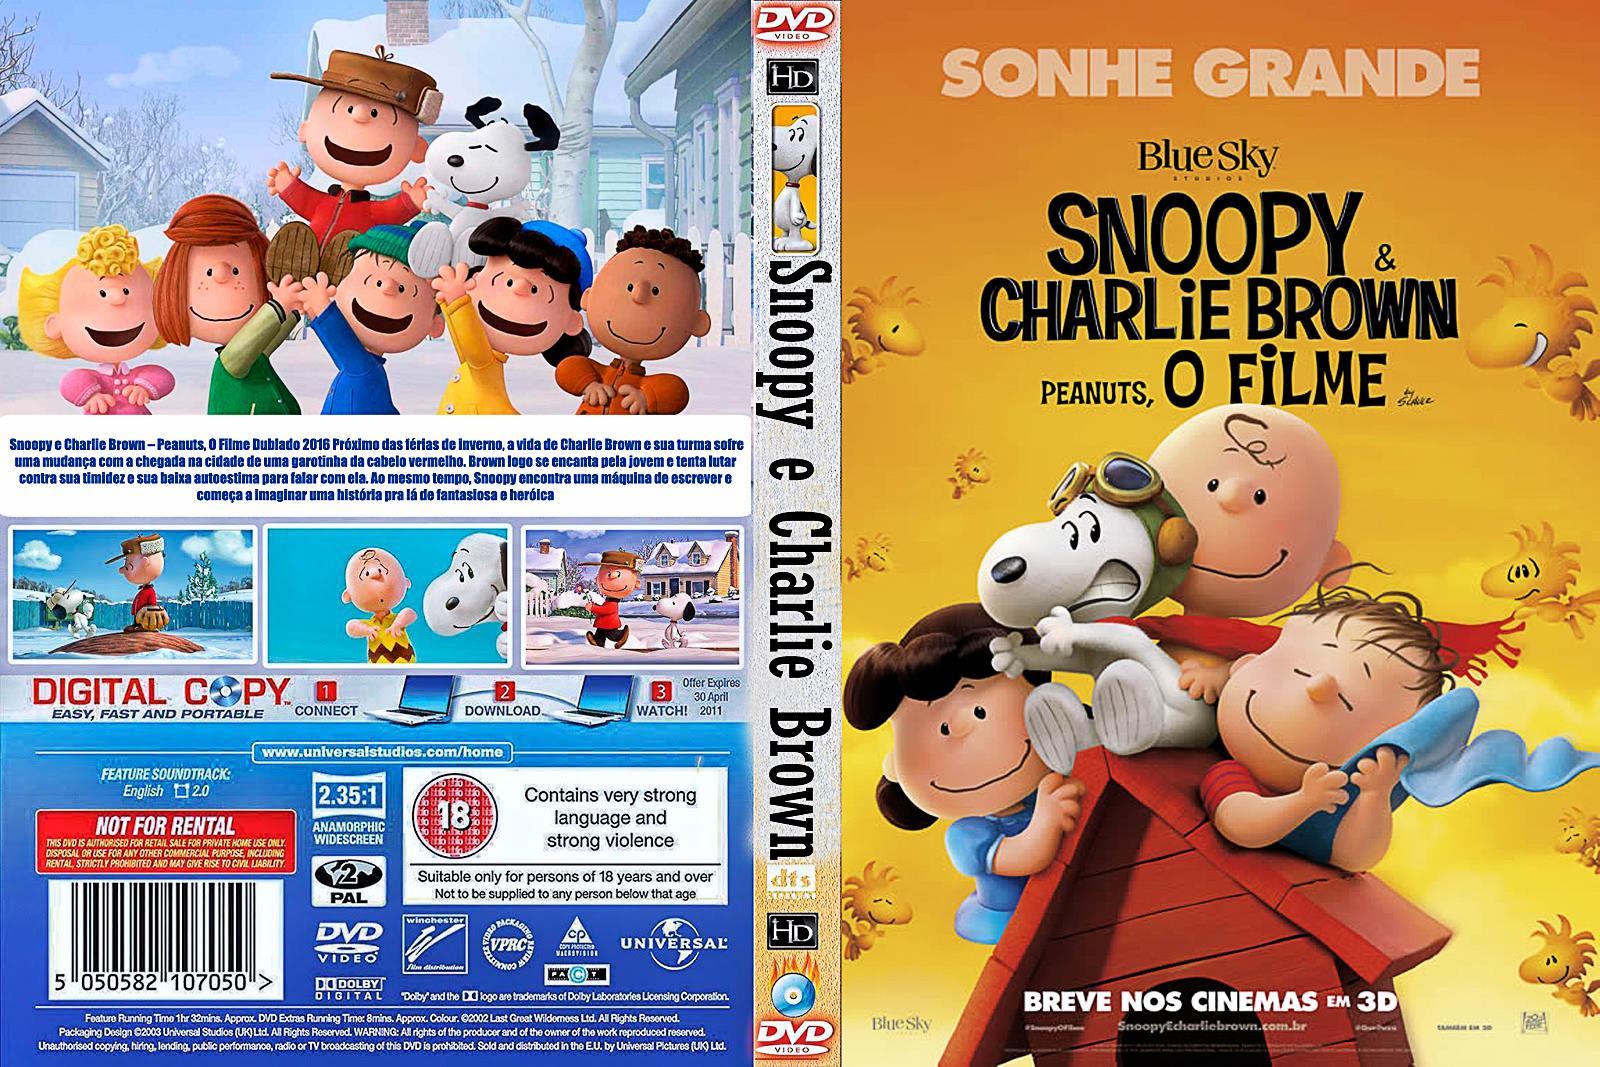 Snoopy e Charlie Brown Peanuts O Filme BDRip XviD Dual Áudio Snoopy 2B 2526 2BCharlie 2BBrown 2B  2BPeanuts 252C 2BO 2BFilme 2B  2BCapa 2BDesenho 2BDVD